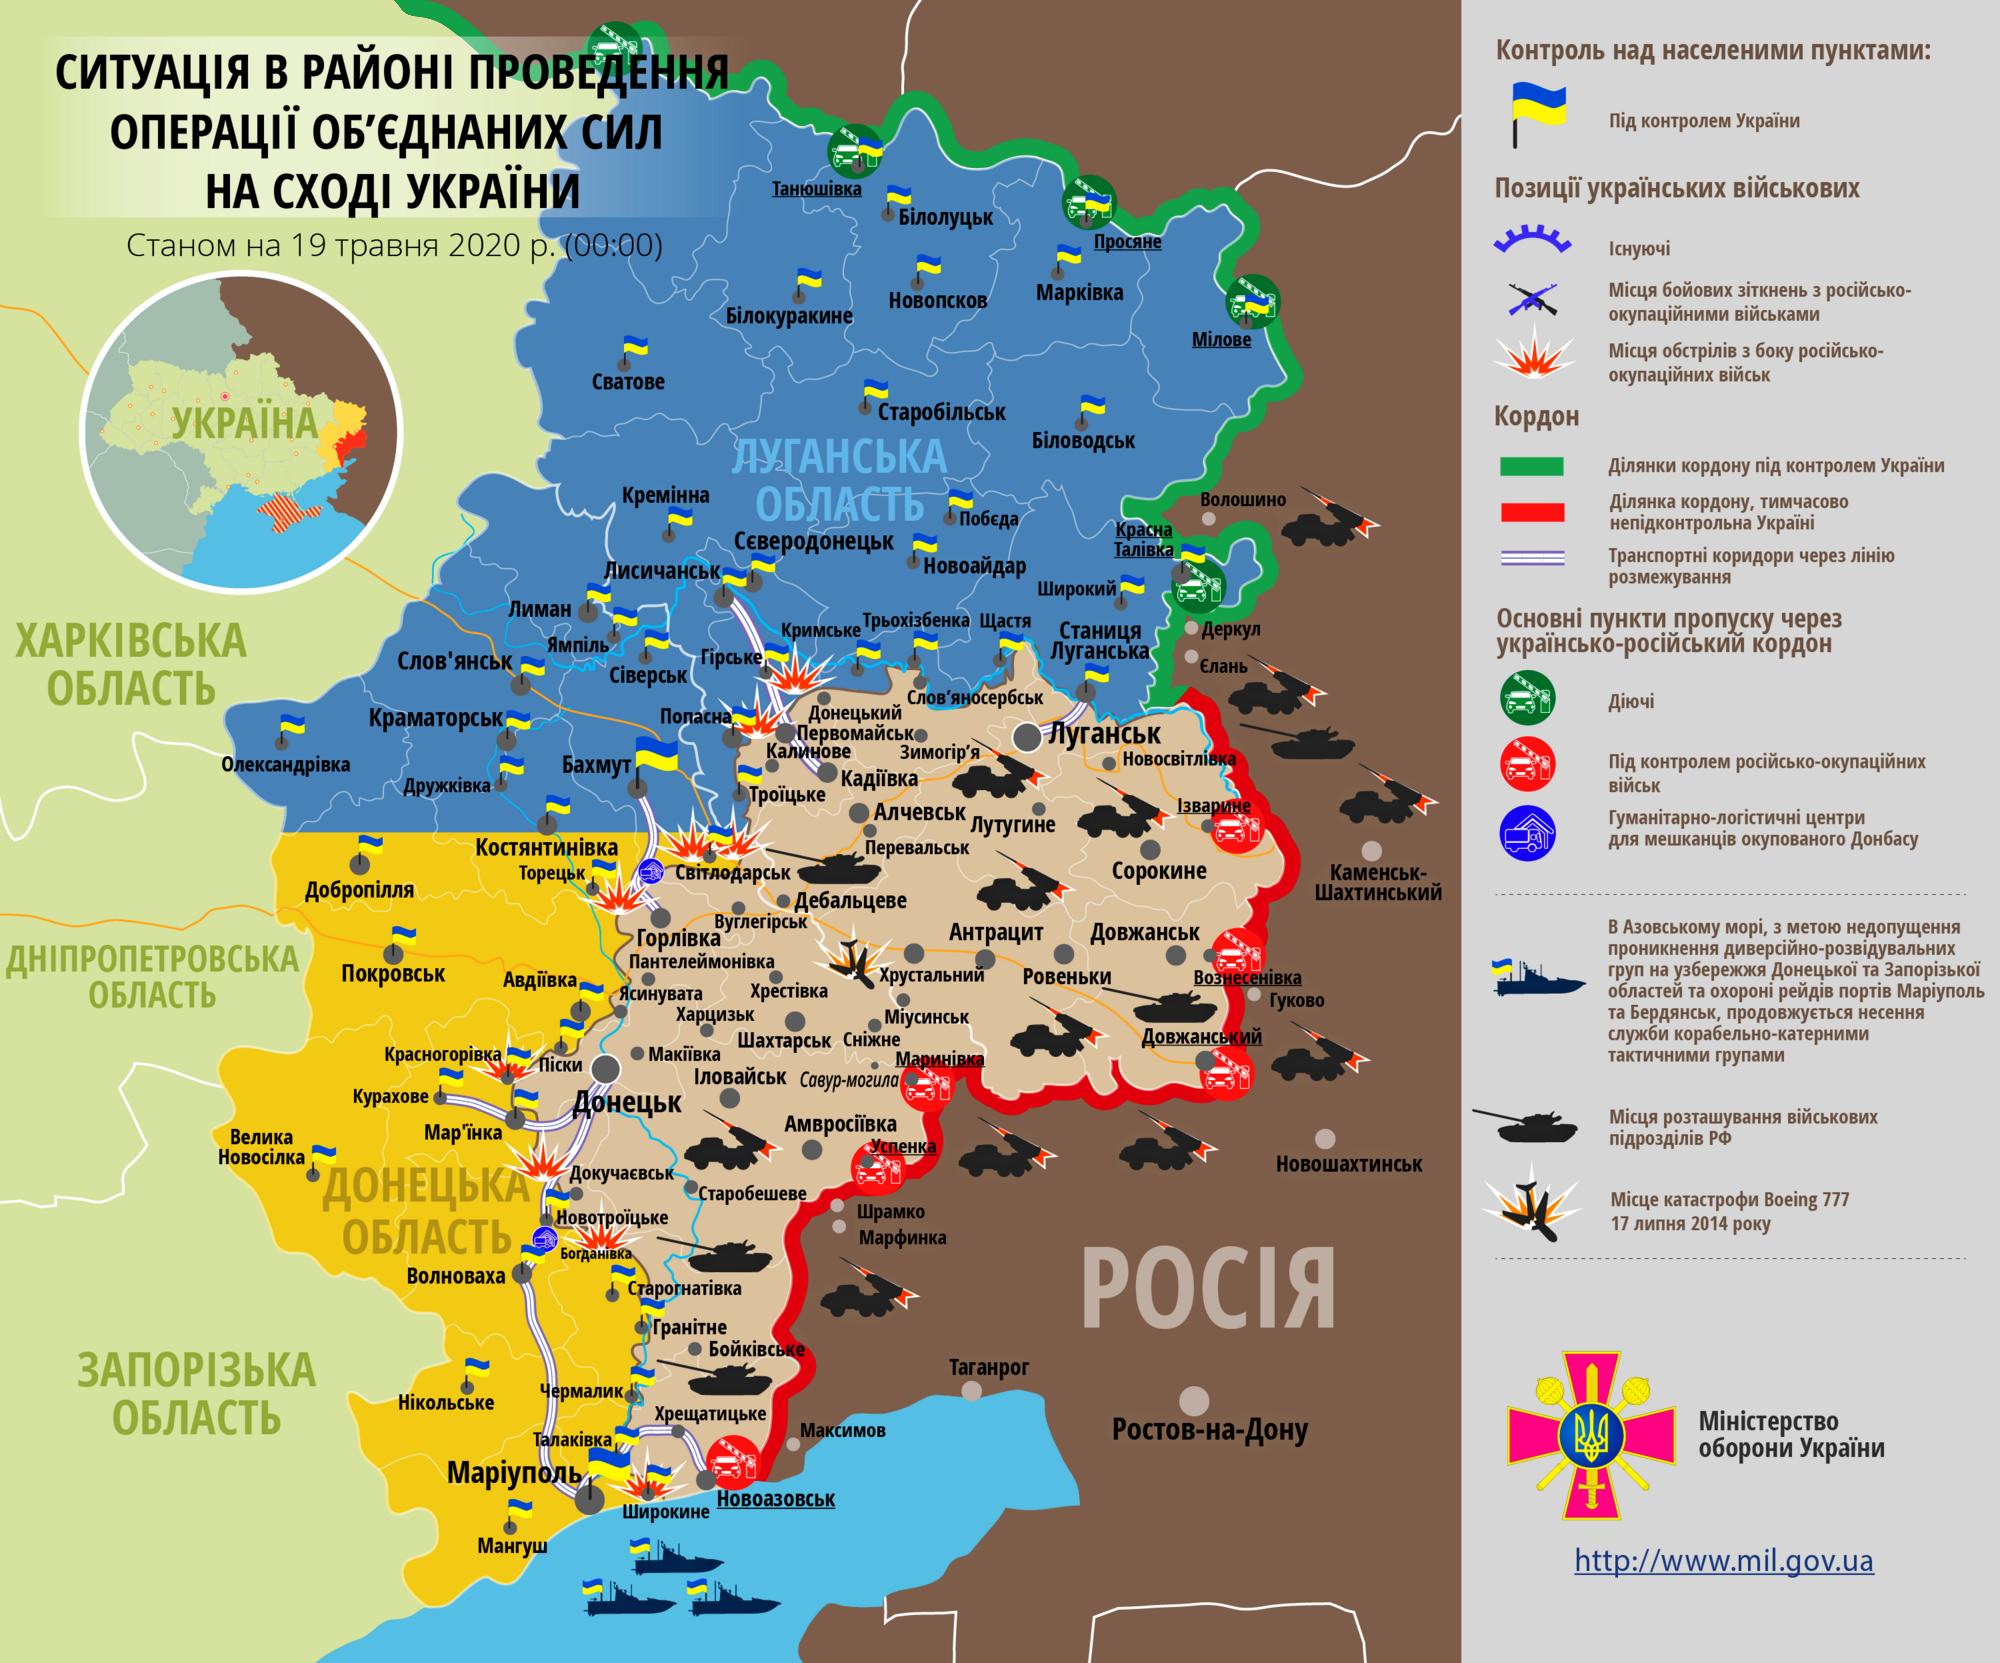 Ситуація в зоні проведення ООС на Донбасі 19 травня